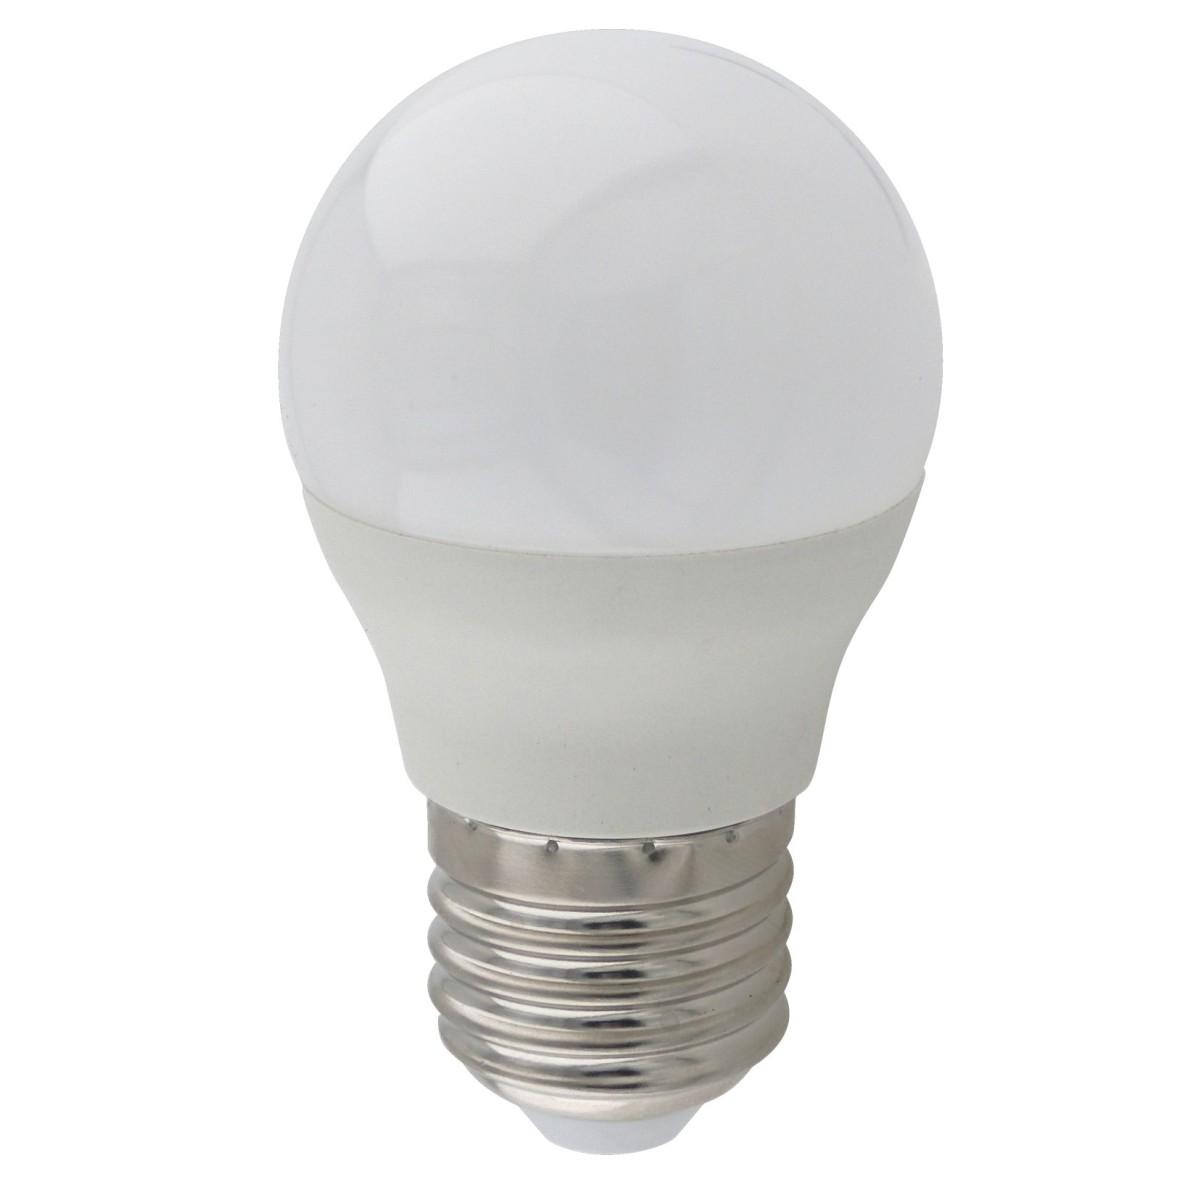 Лампа Ecola light E27 7 Вт шар 560 Лм нейтральный 4 шт